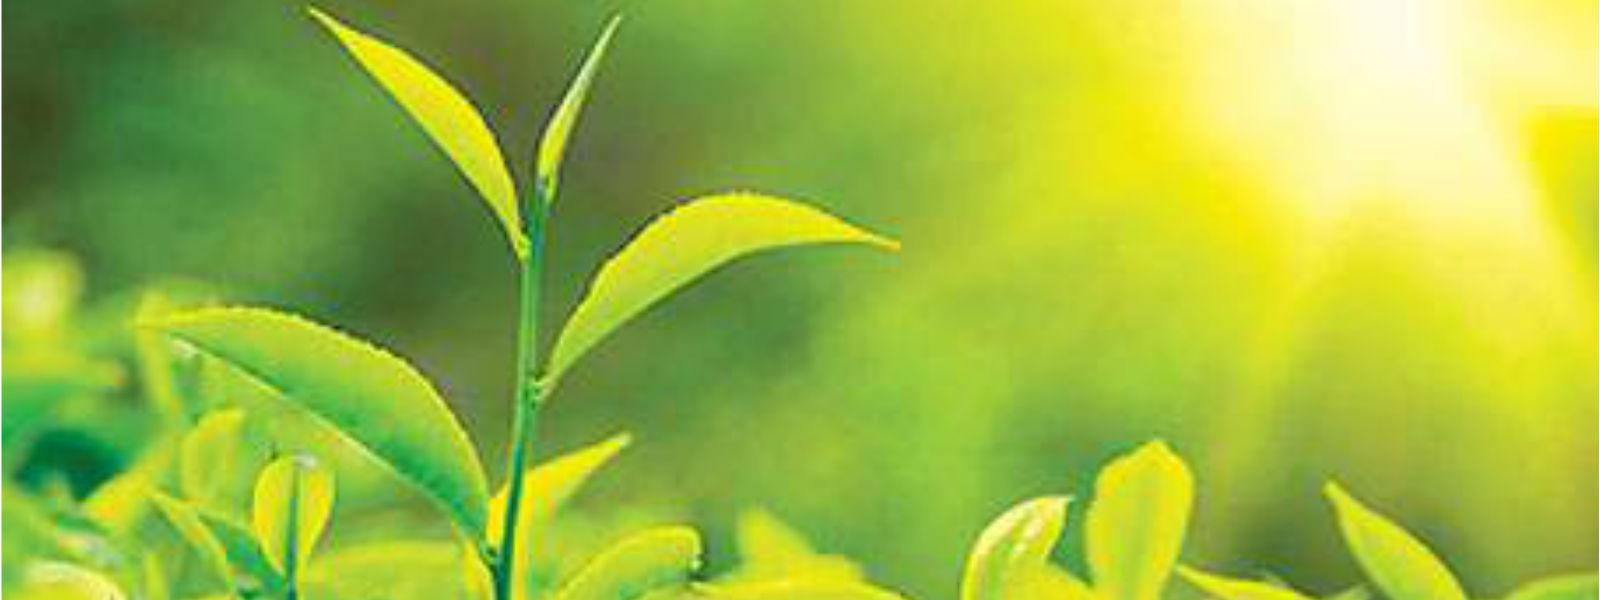 இலங்கை தேயிலை புத்துயிர் திட்டத்திற்கு அமைச்சரவை அனுமதி